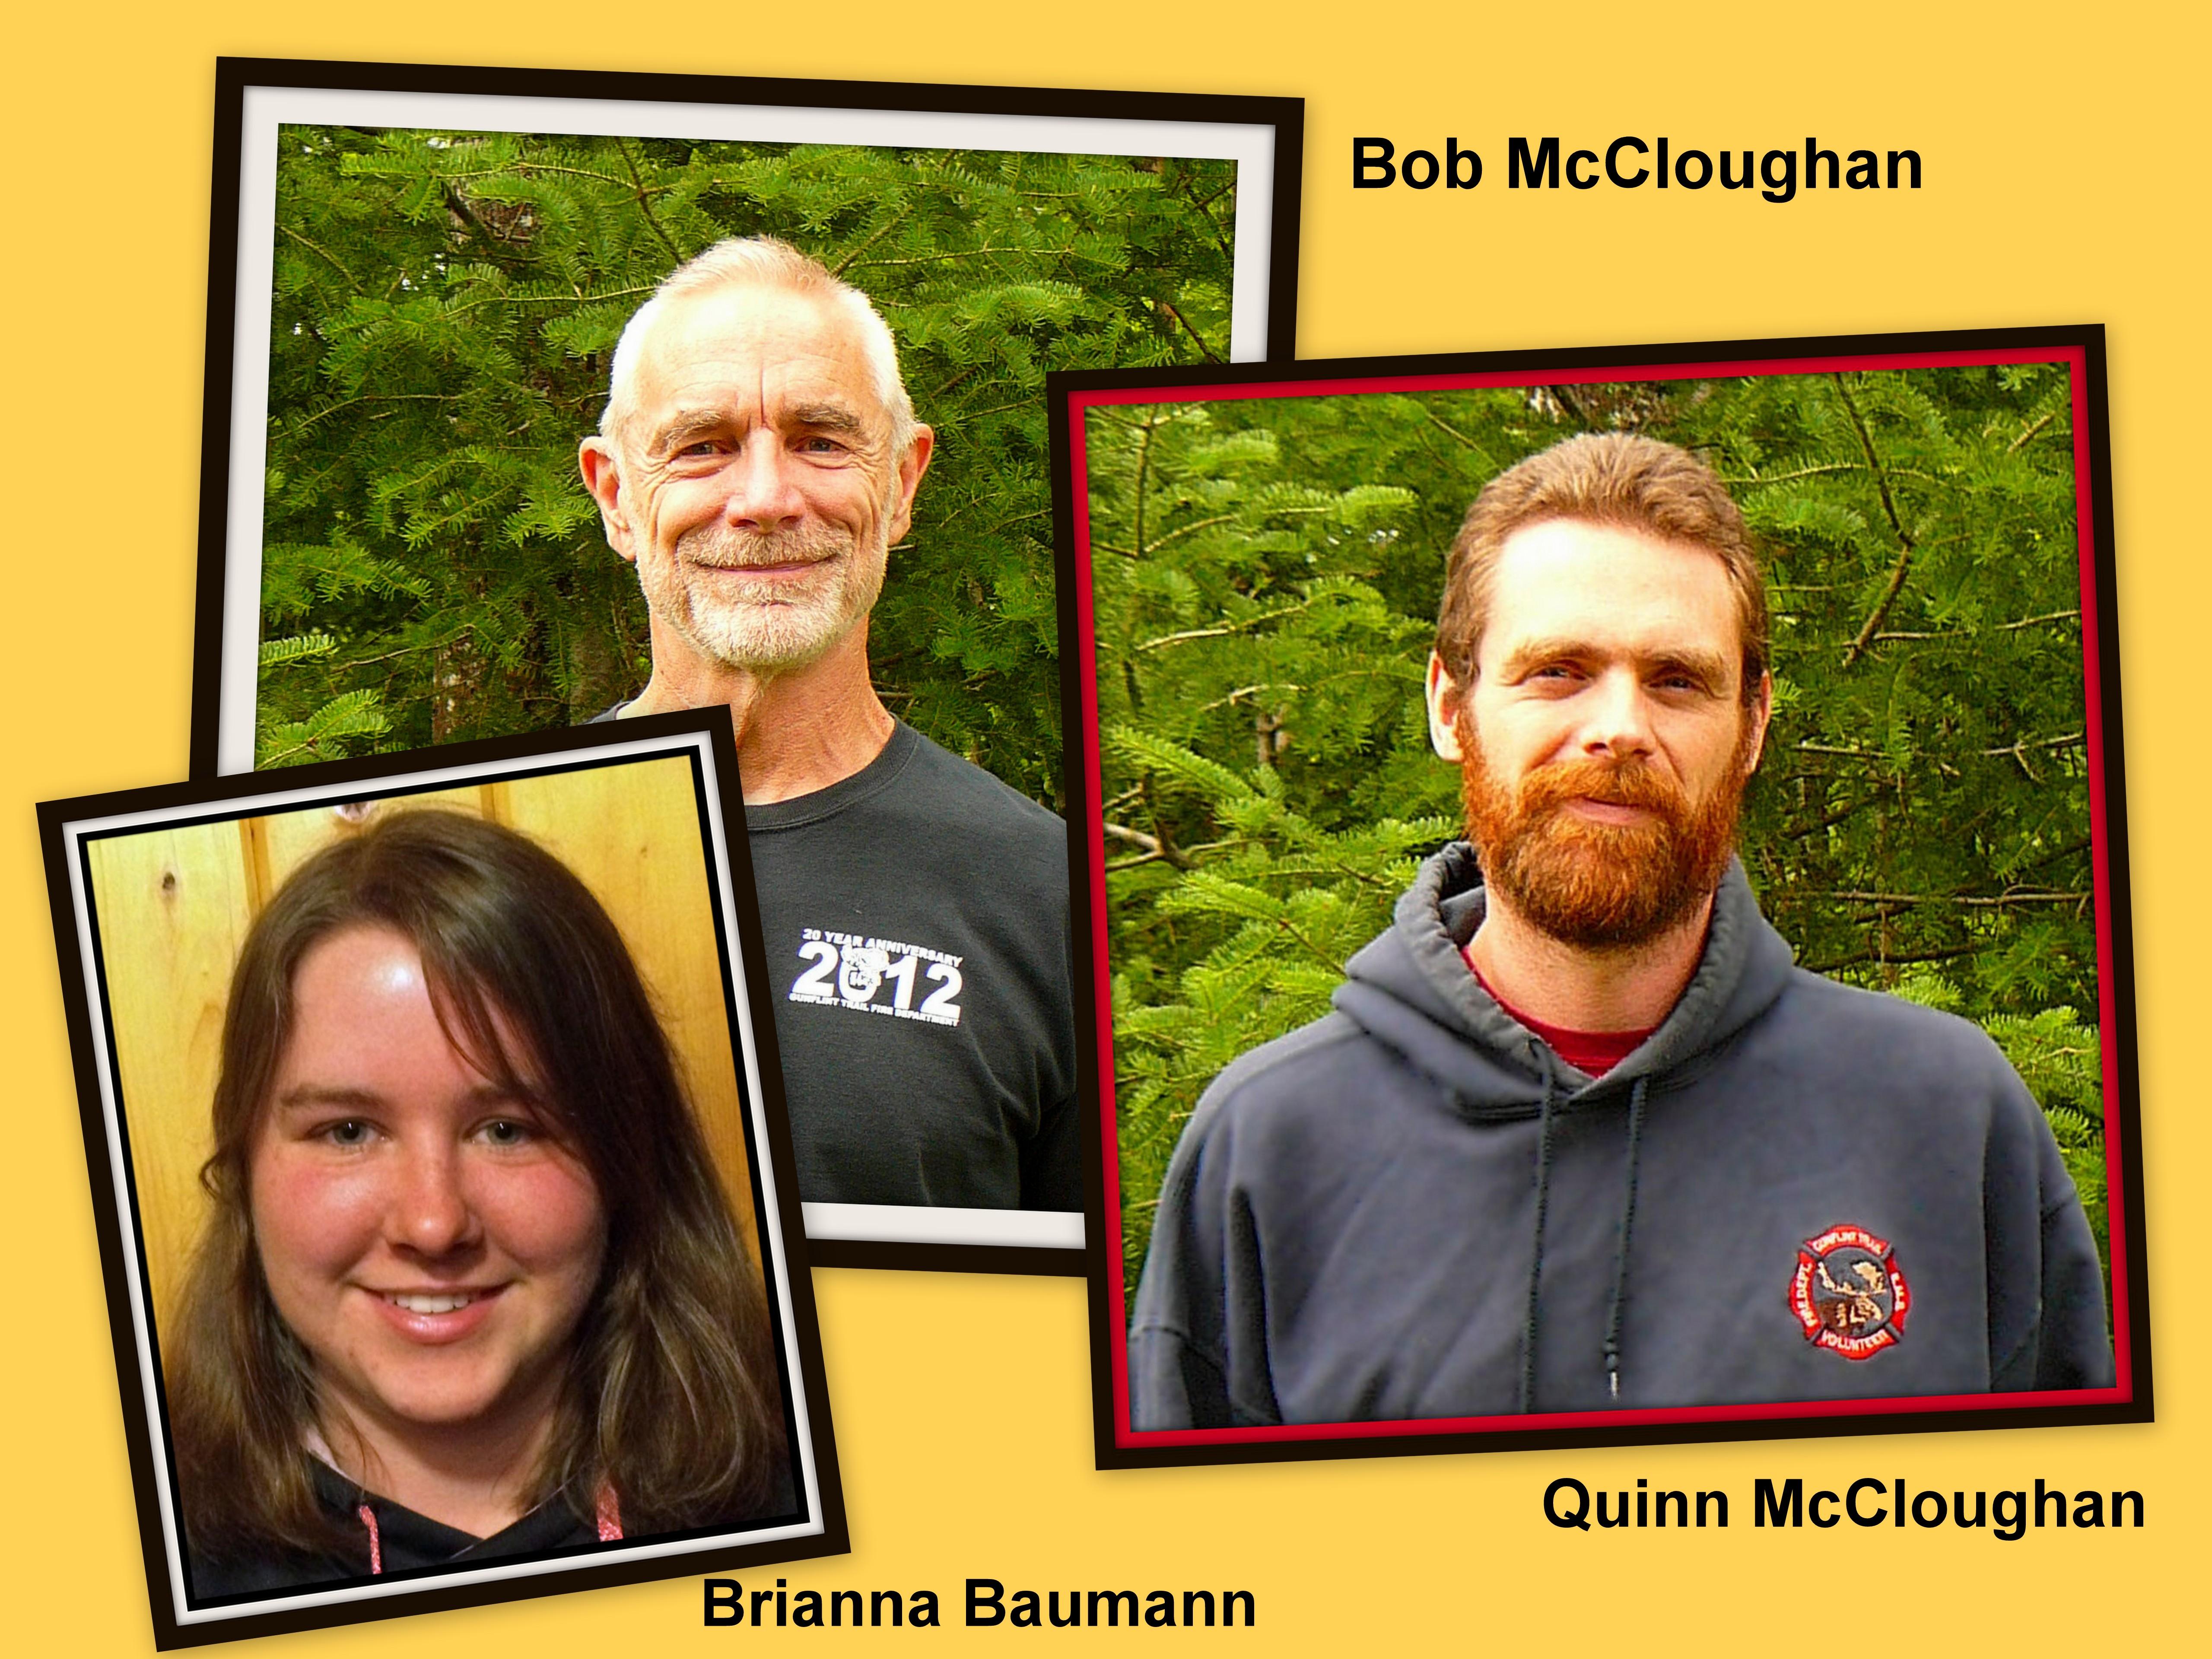 Brianna Baumann, Bob McCloughan and Quinn McCloughan